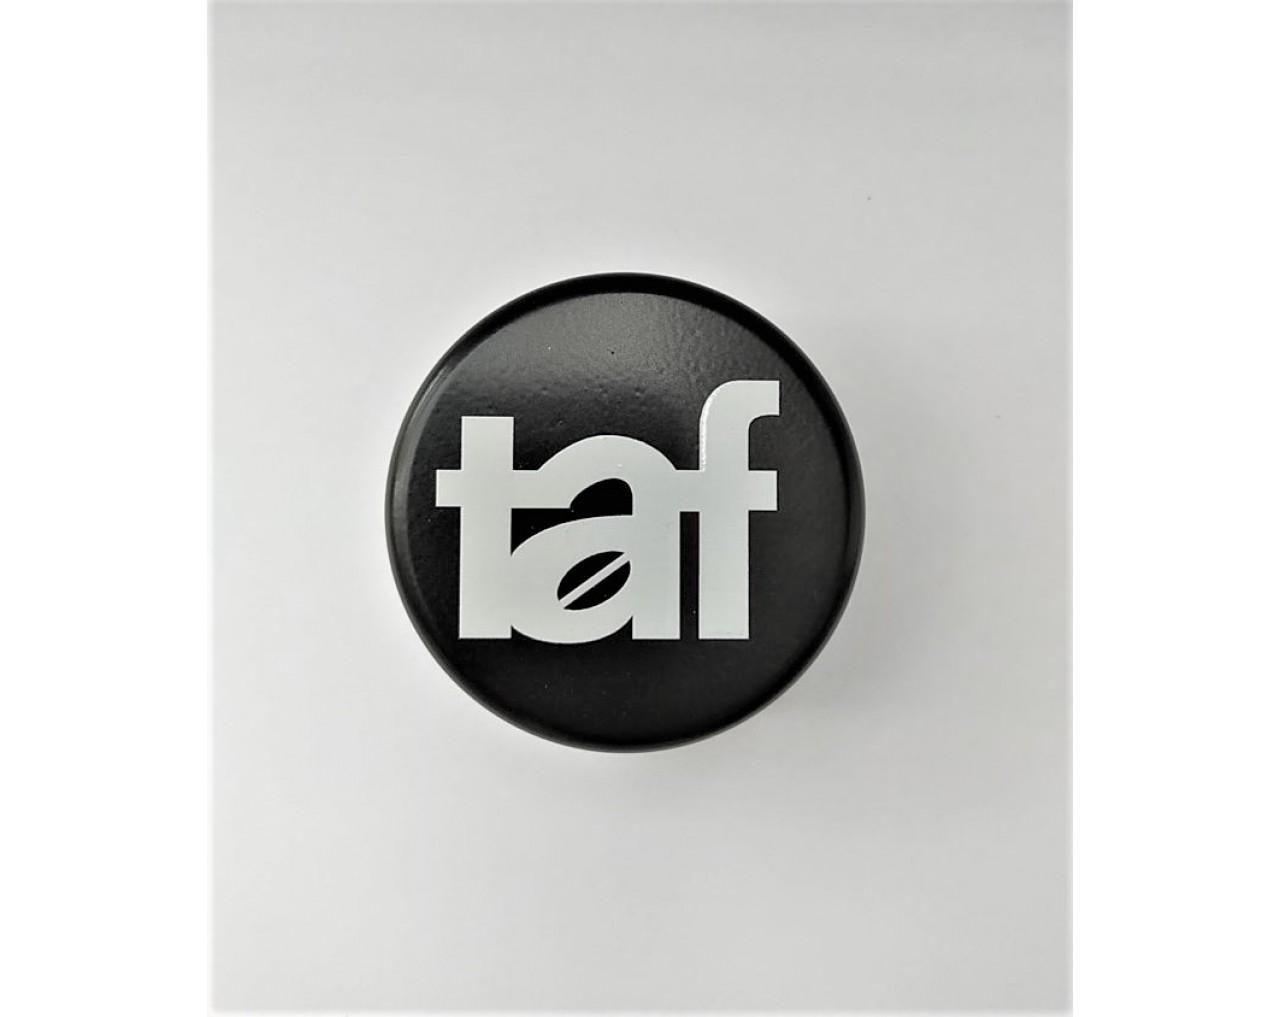 Taf Coffee Distributor 58,4mm